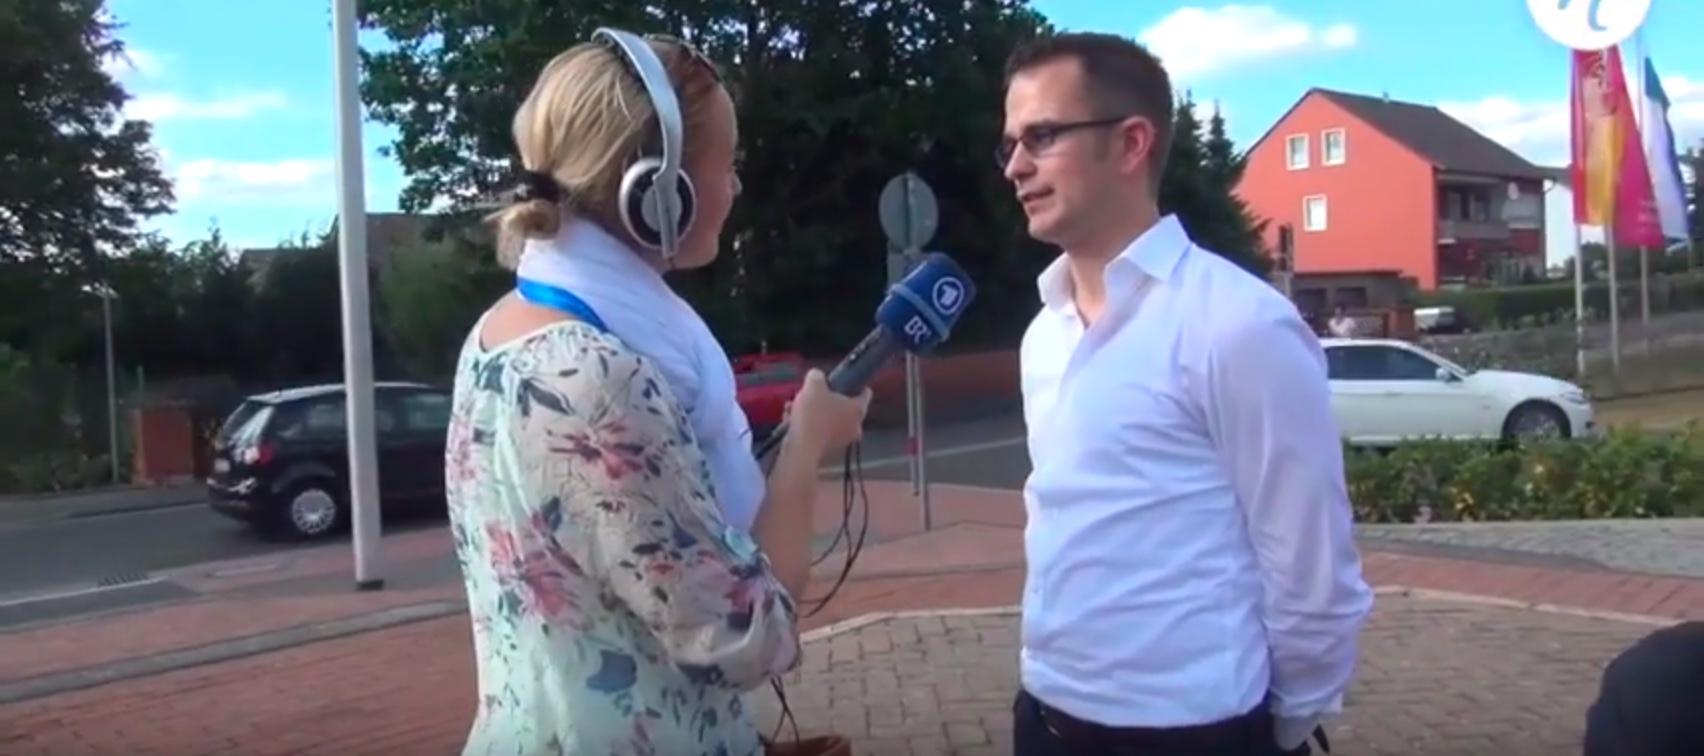 Interview BR, Dirk Mattes Komponist -Dirigent - Dozent, Aufführung Frabaya